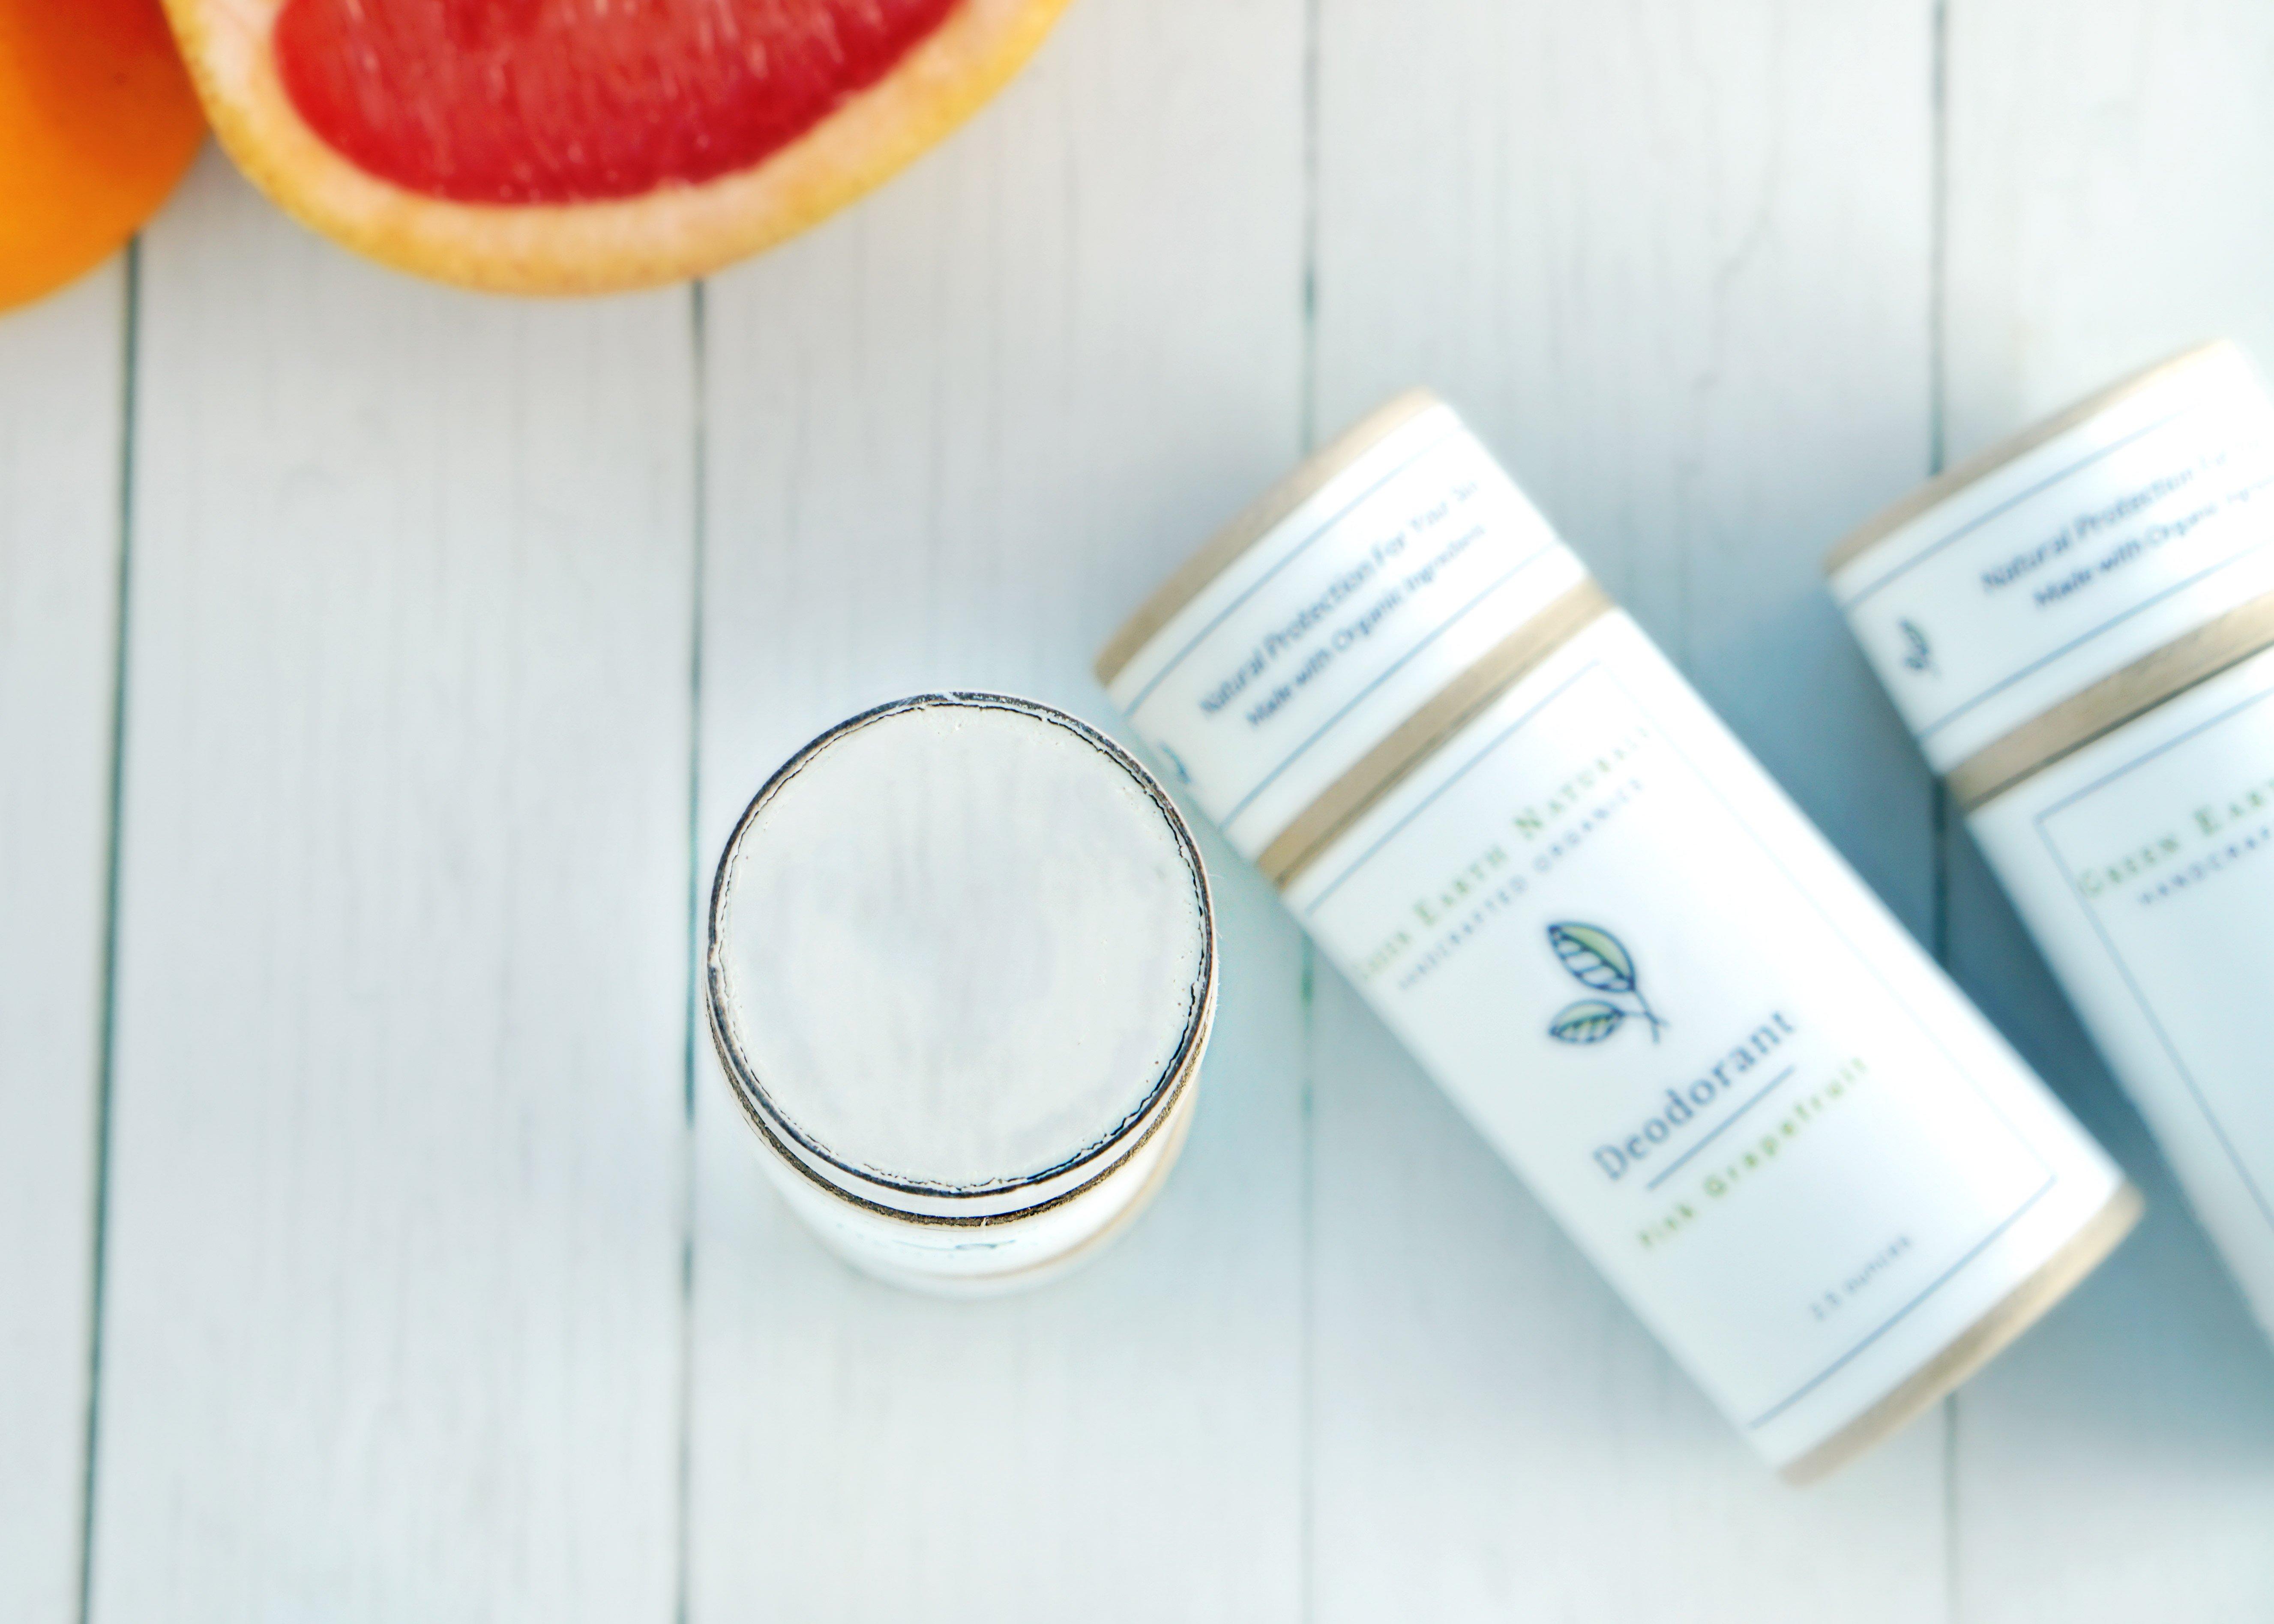 Pink Grapefruit Natural Deodorant